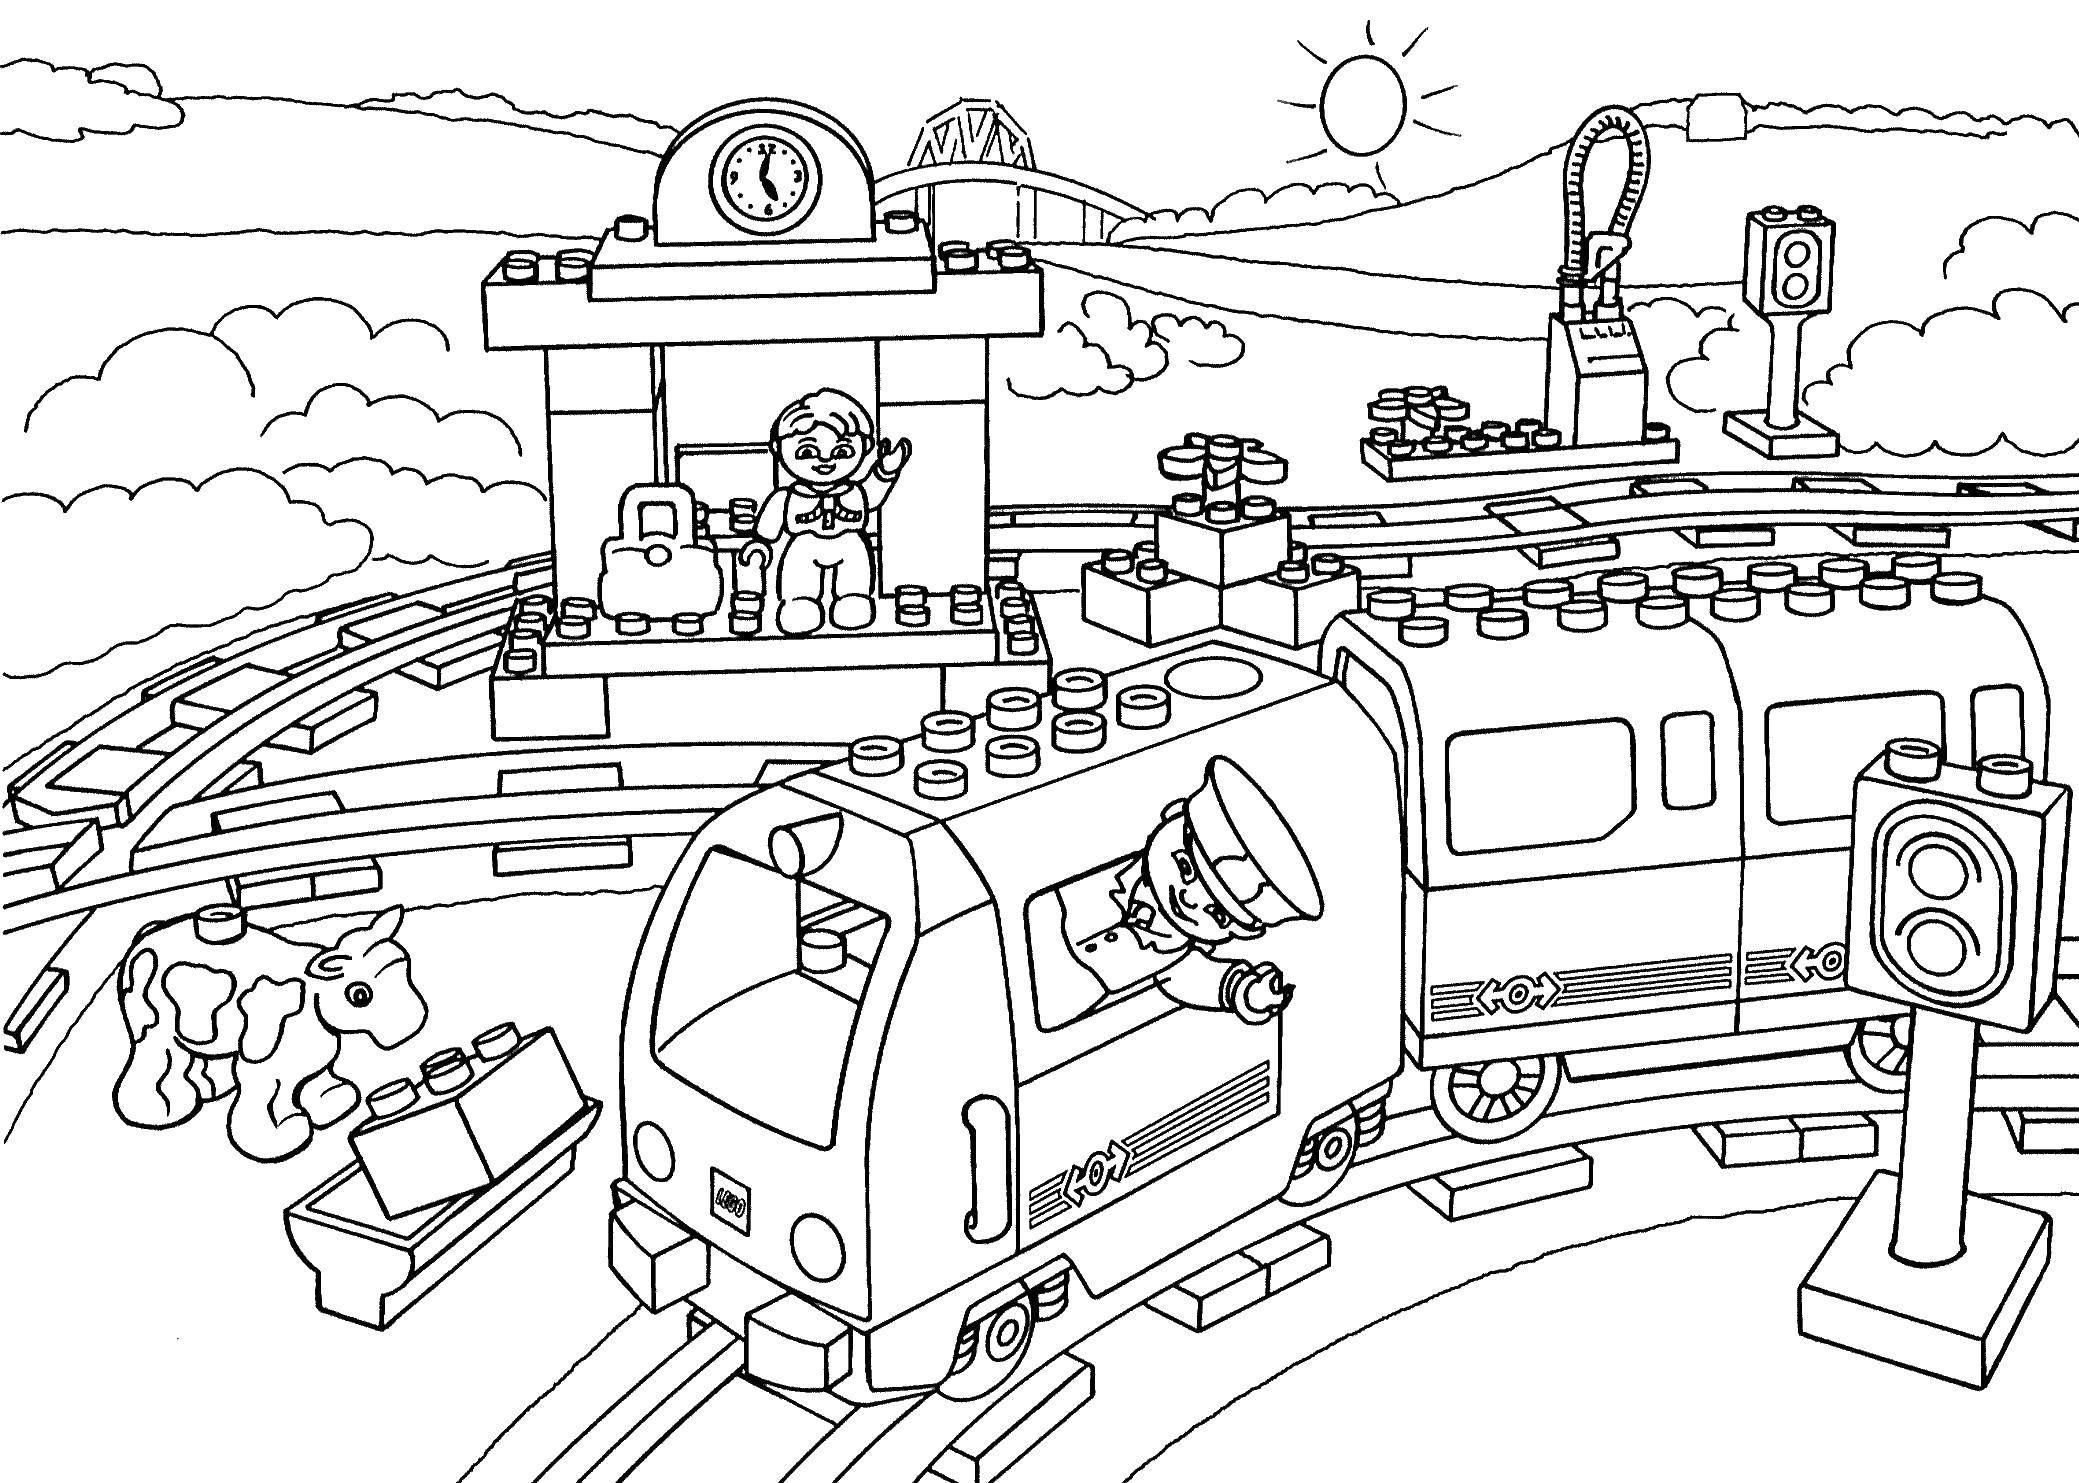 Раскраска Железная дорога лего Скачать лего, конструктор, железная дорога, поезд.  Распечатать ,Лего,